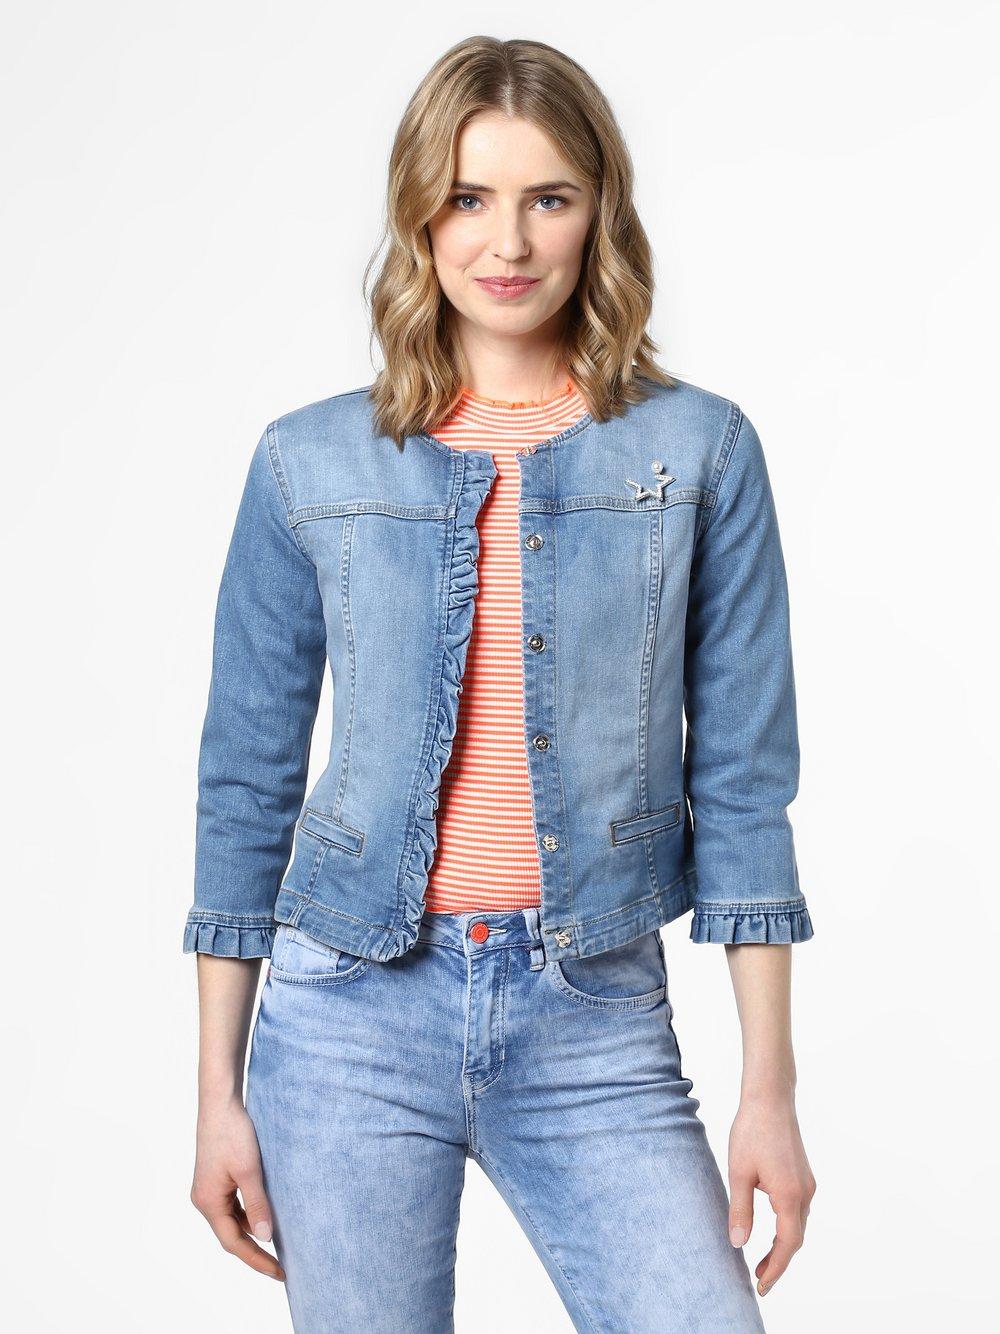 Liu Jo Collection – Damska kurtka jeansowa, niebieski Van Graaf 458192-0001